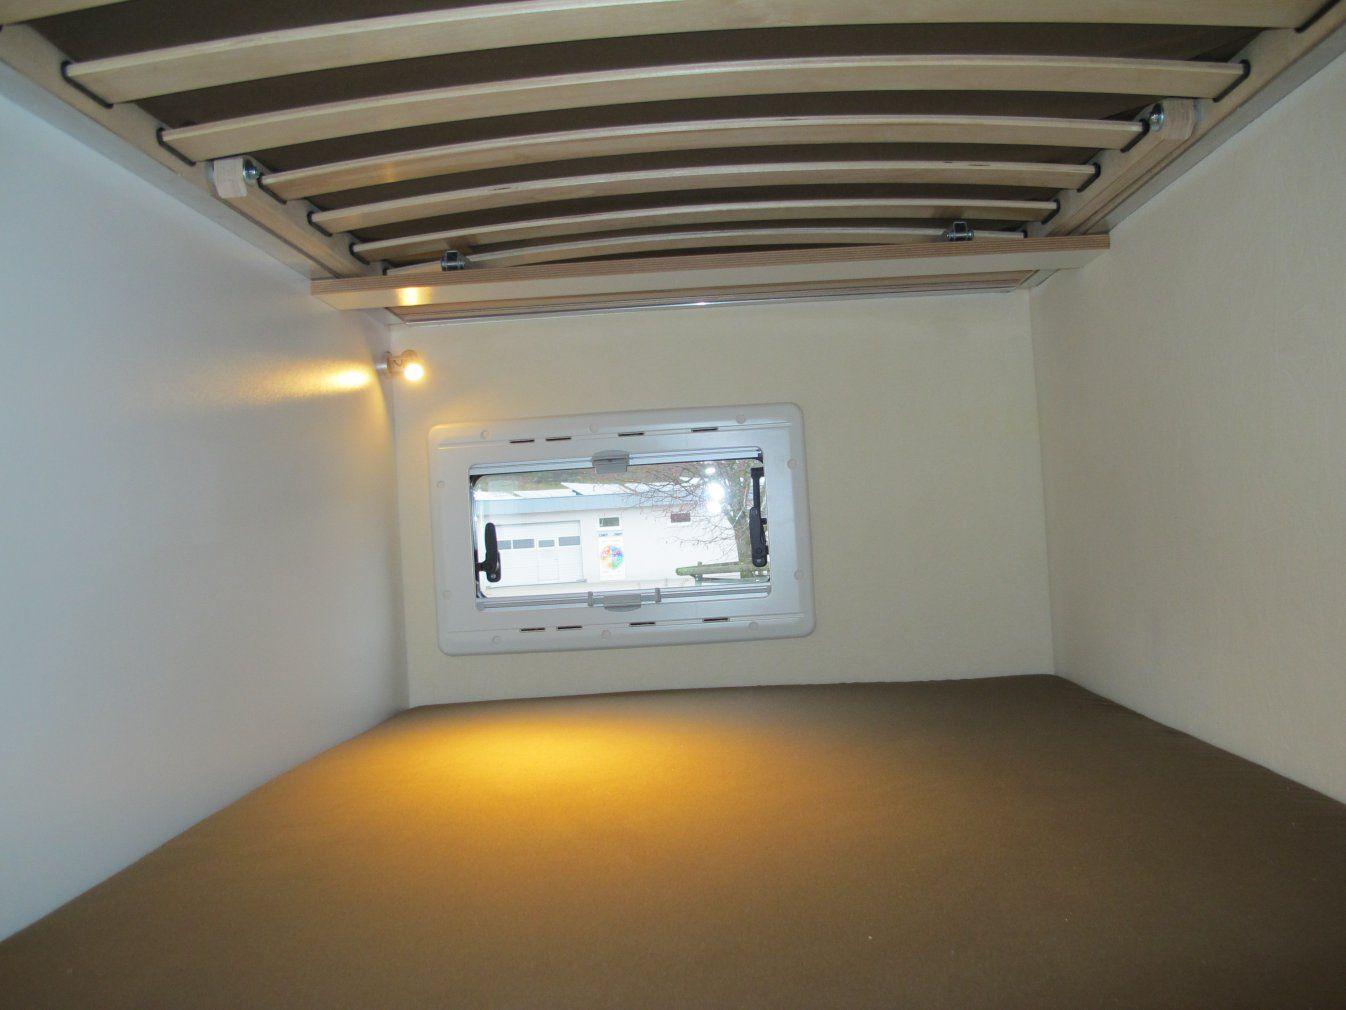 Unimog 435 Unimog Home Decor Home